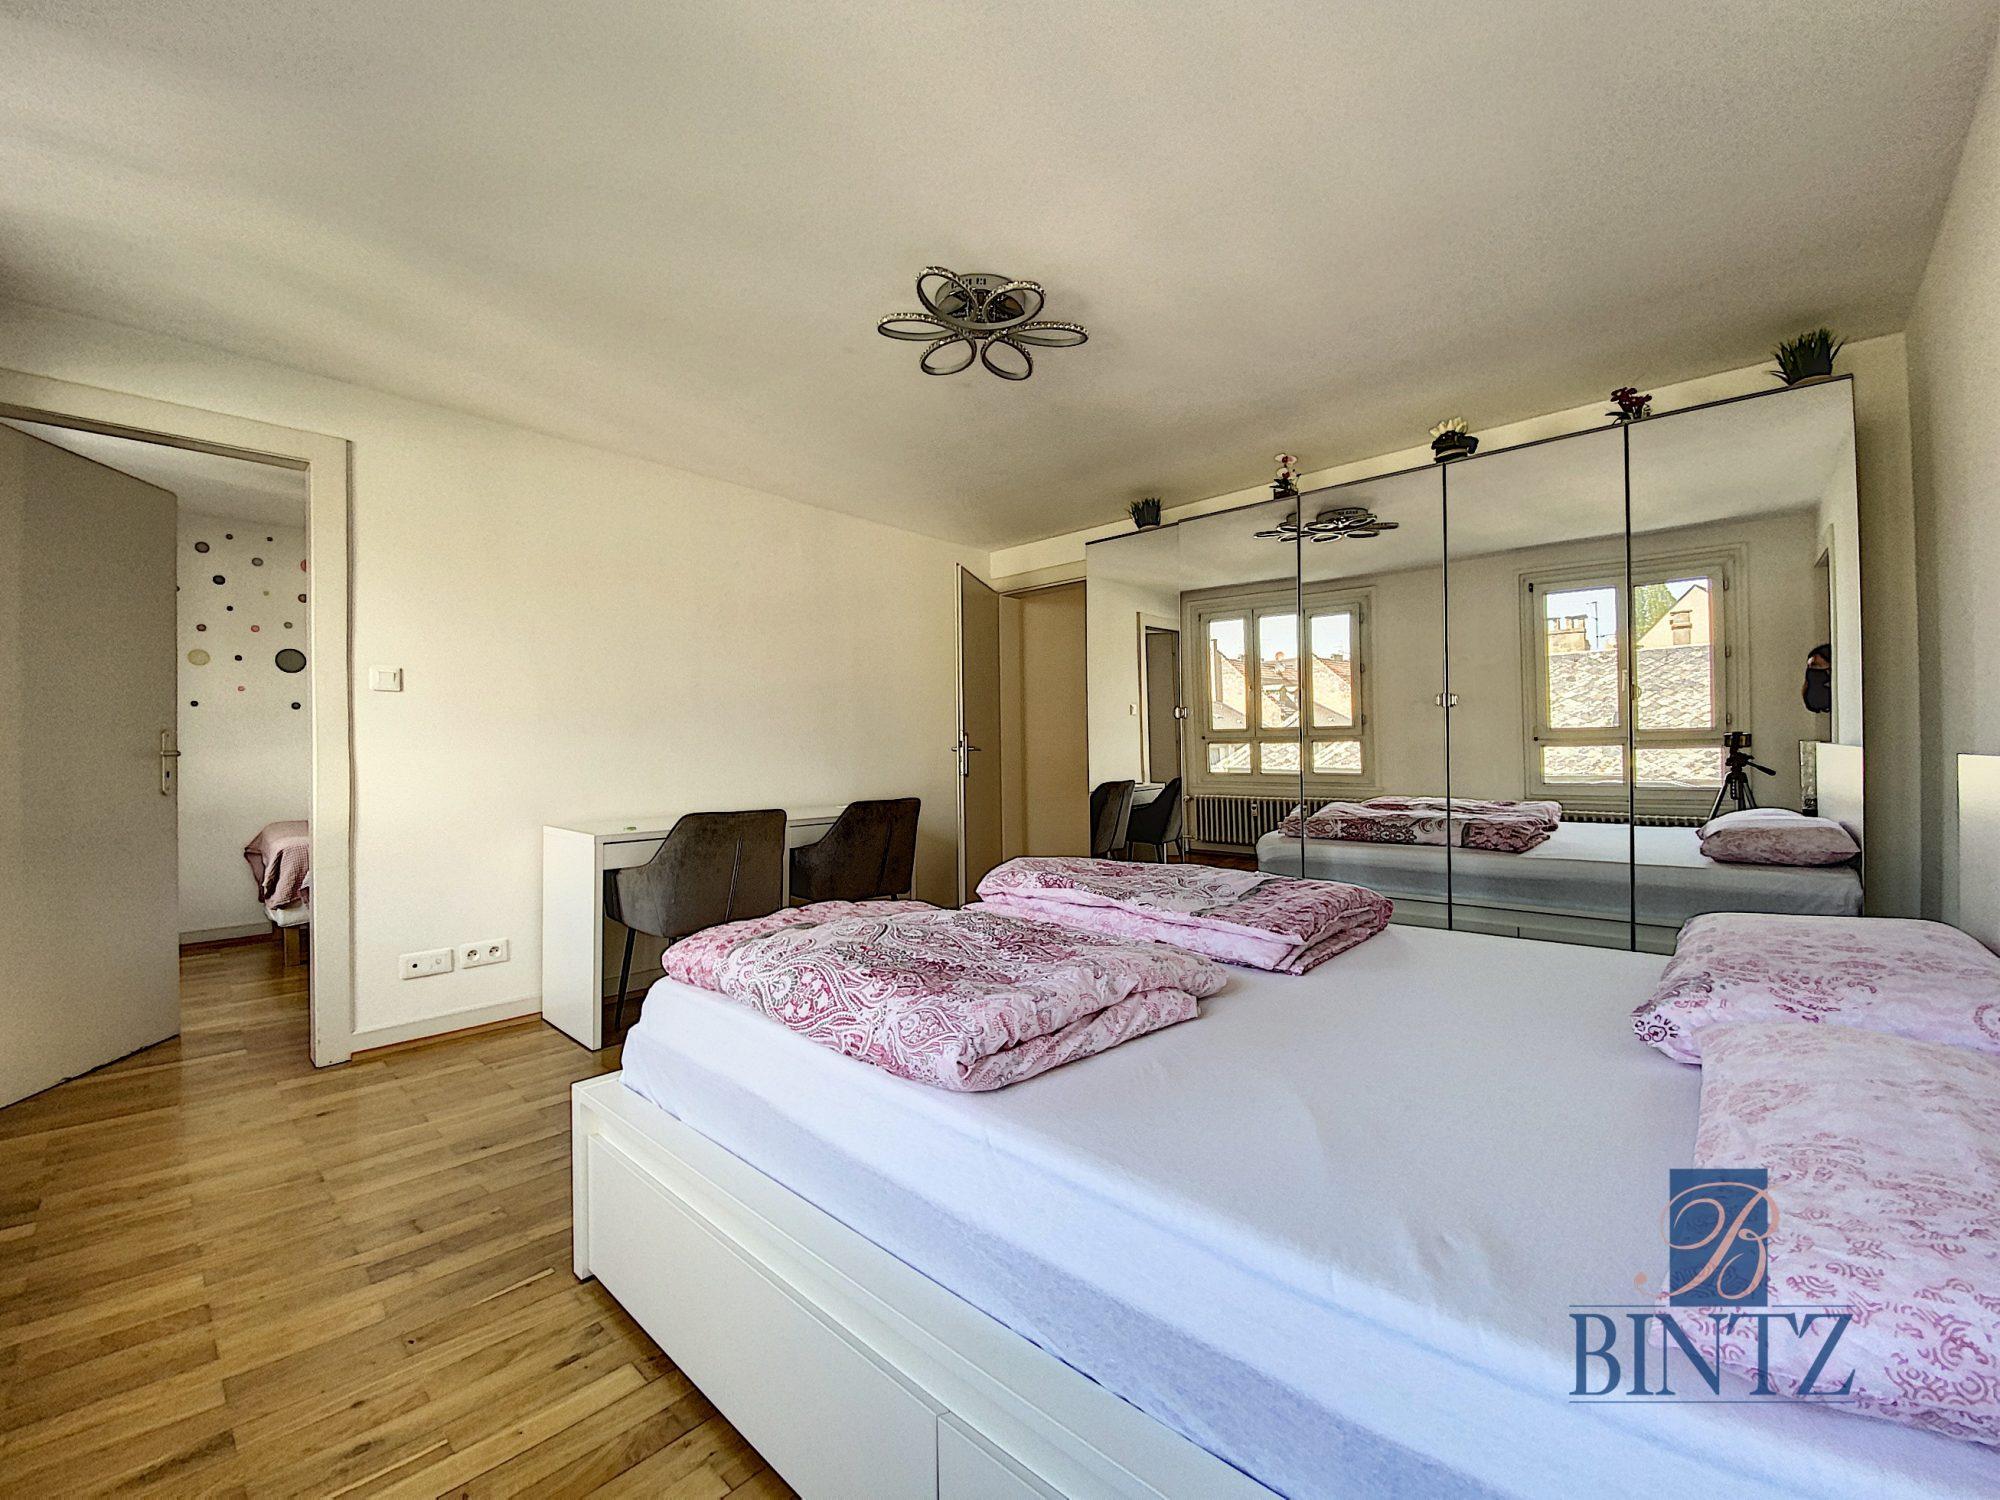 3 PIÈCES HYPERCENTRE - Devenez locataire en toute sérénité - Bintz Immobilier - 8